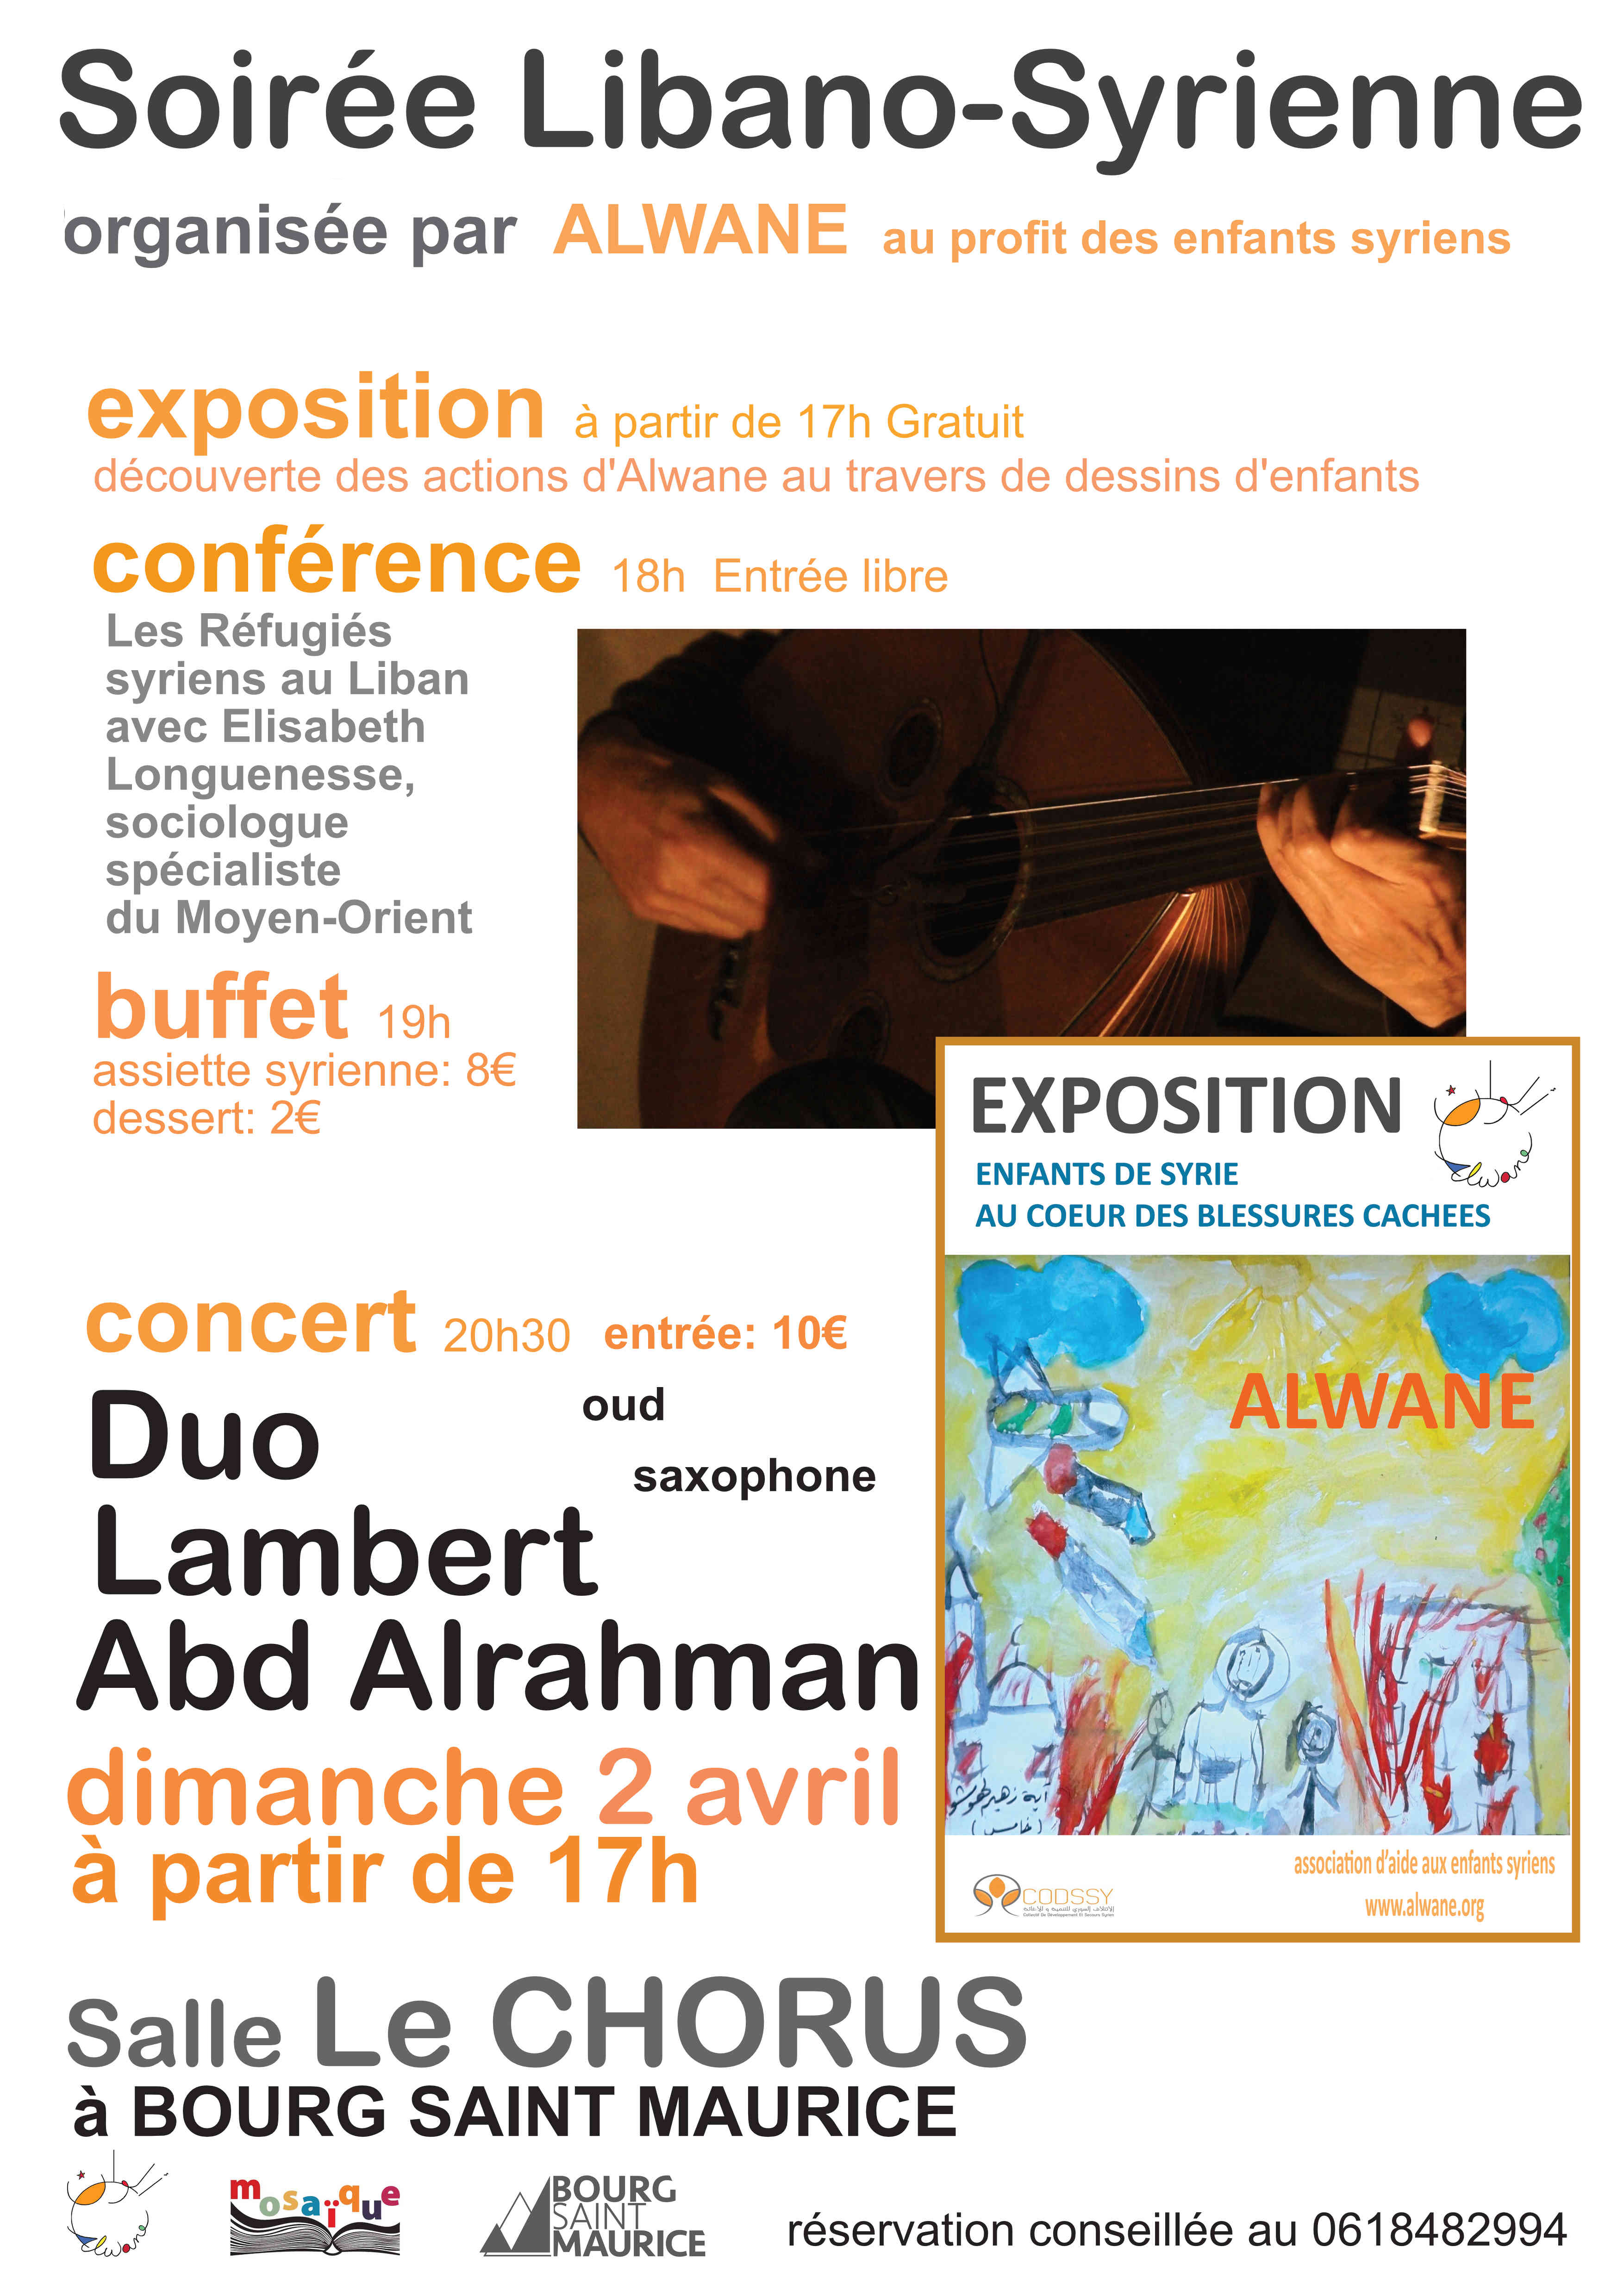 Soirée Syrienne à Bourg Saint Maurice Expo, conférence, concert